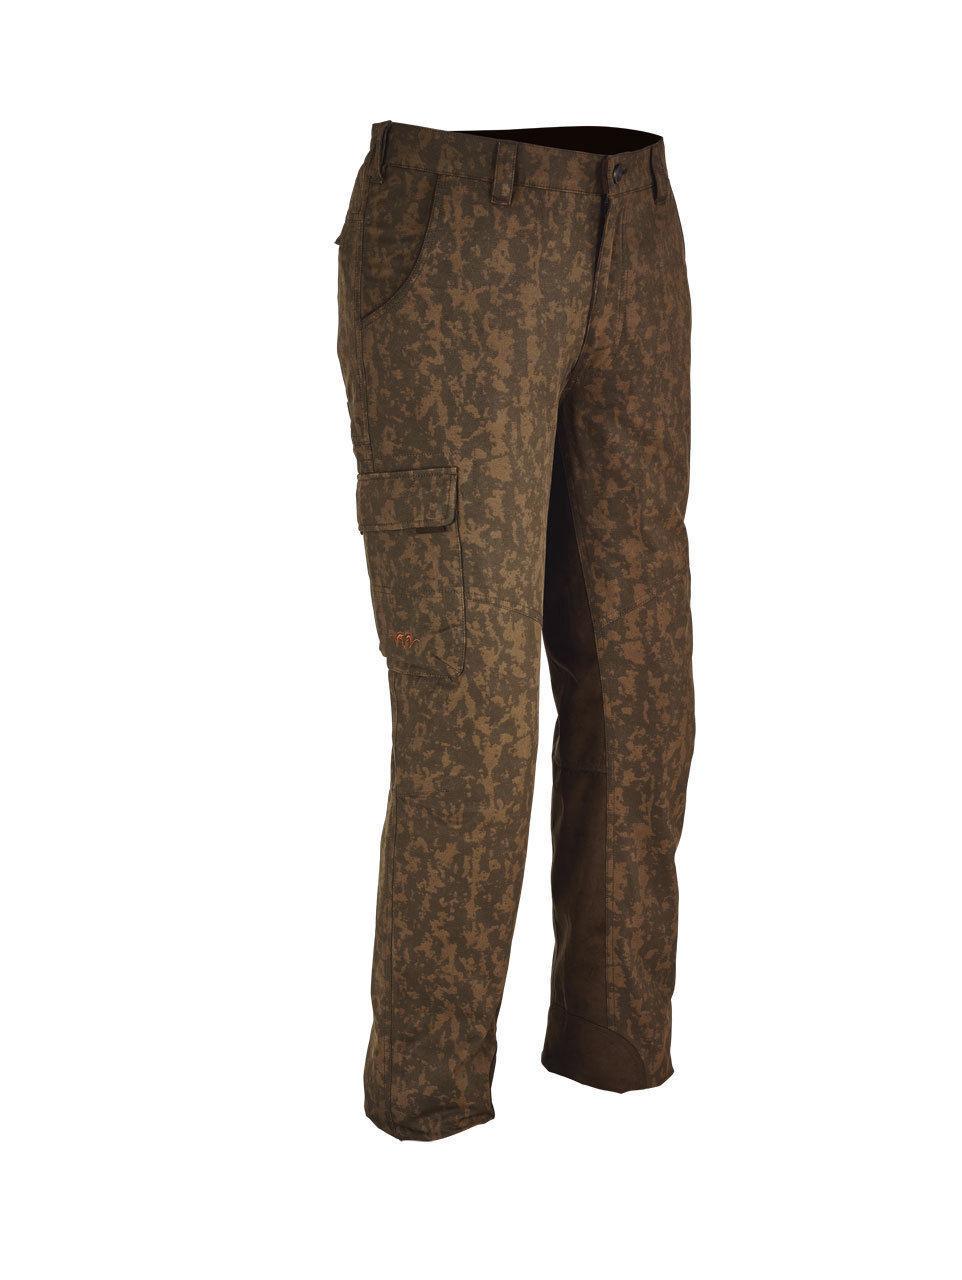 Blaser Trousers Argali 3.0 Light Terra Unique (118024-001 606)